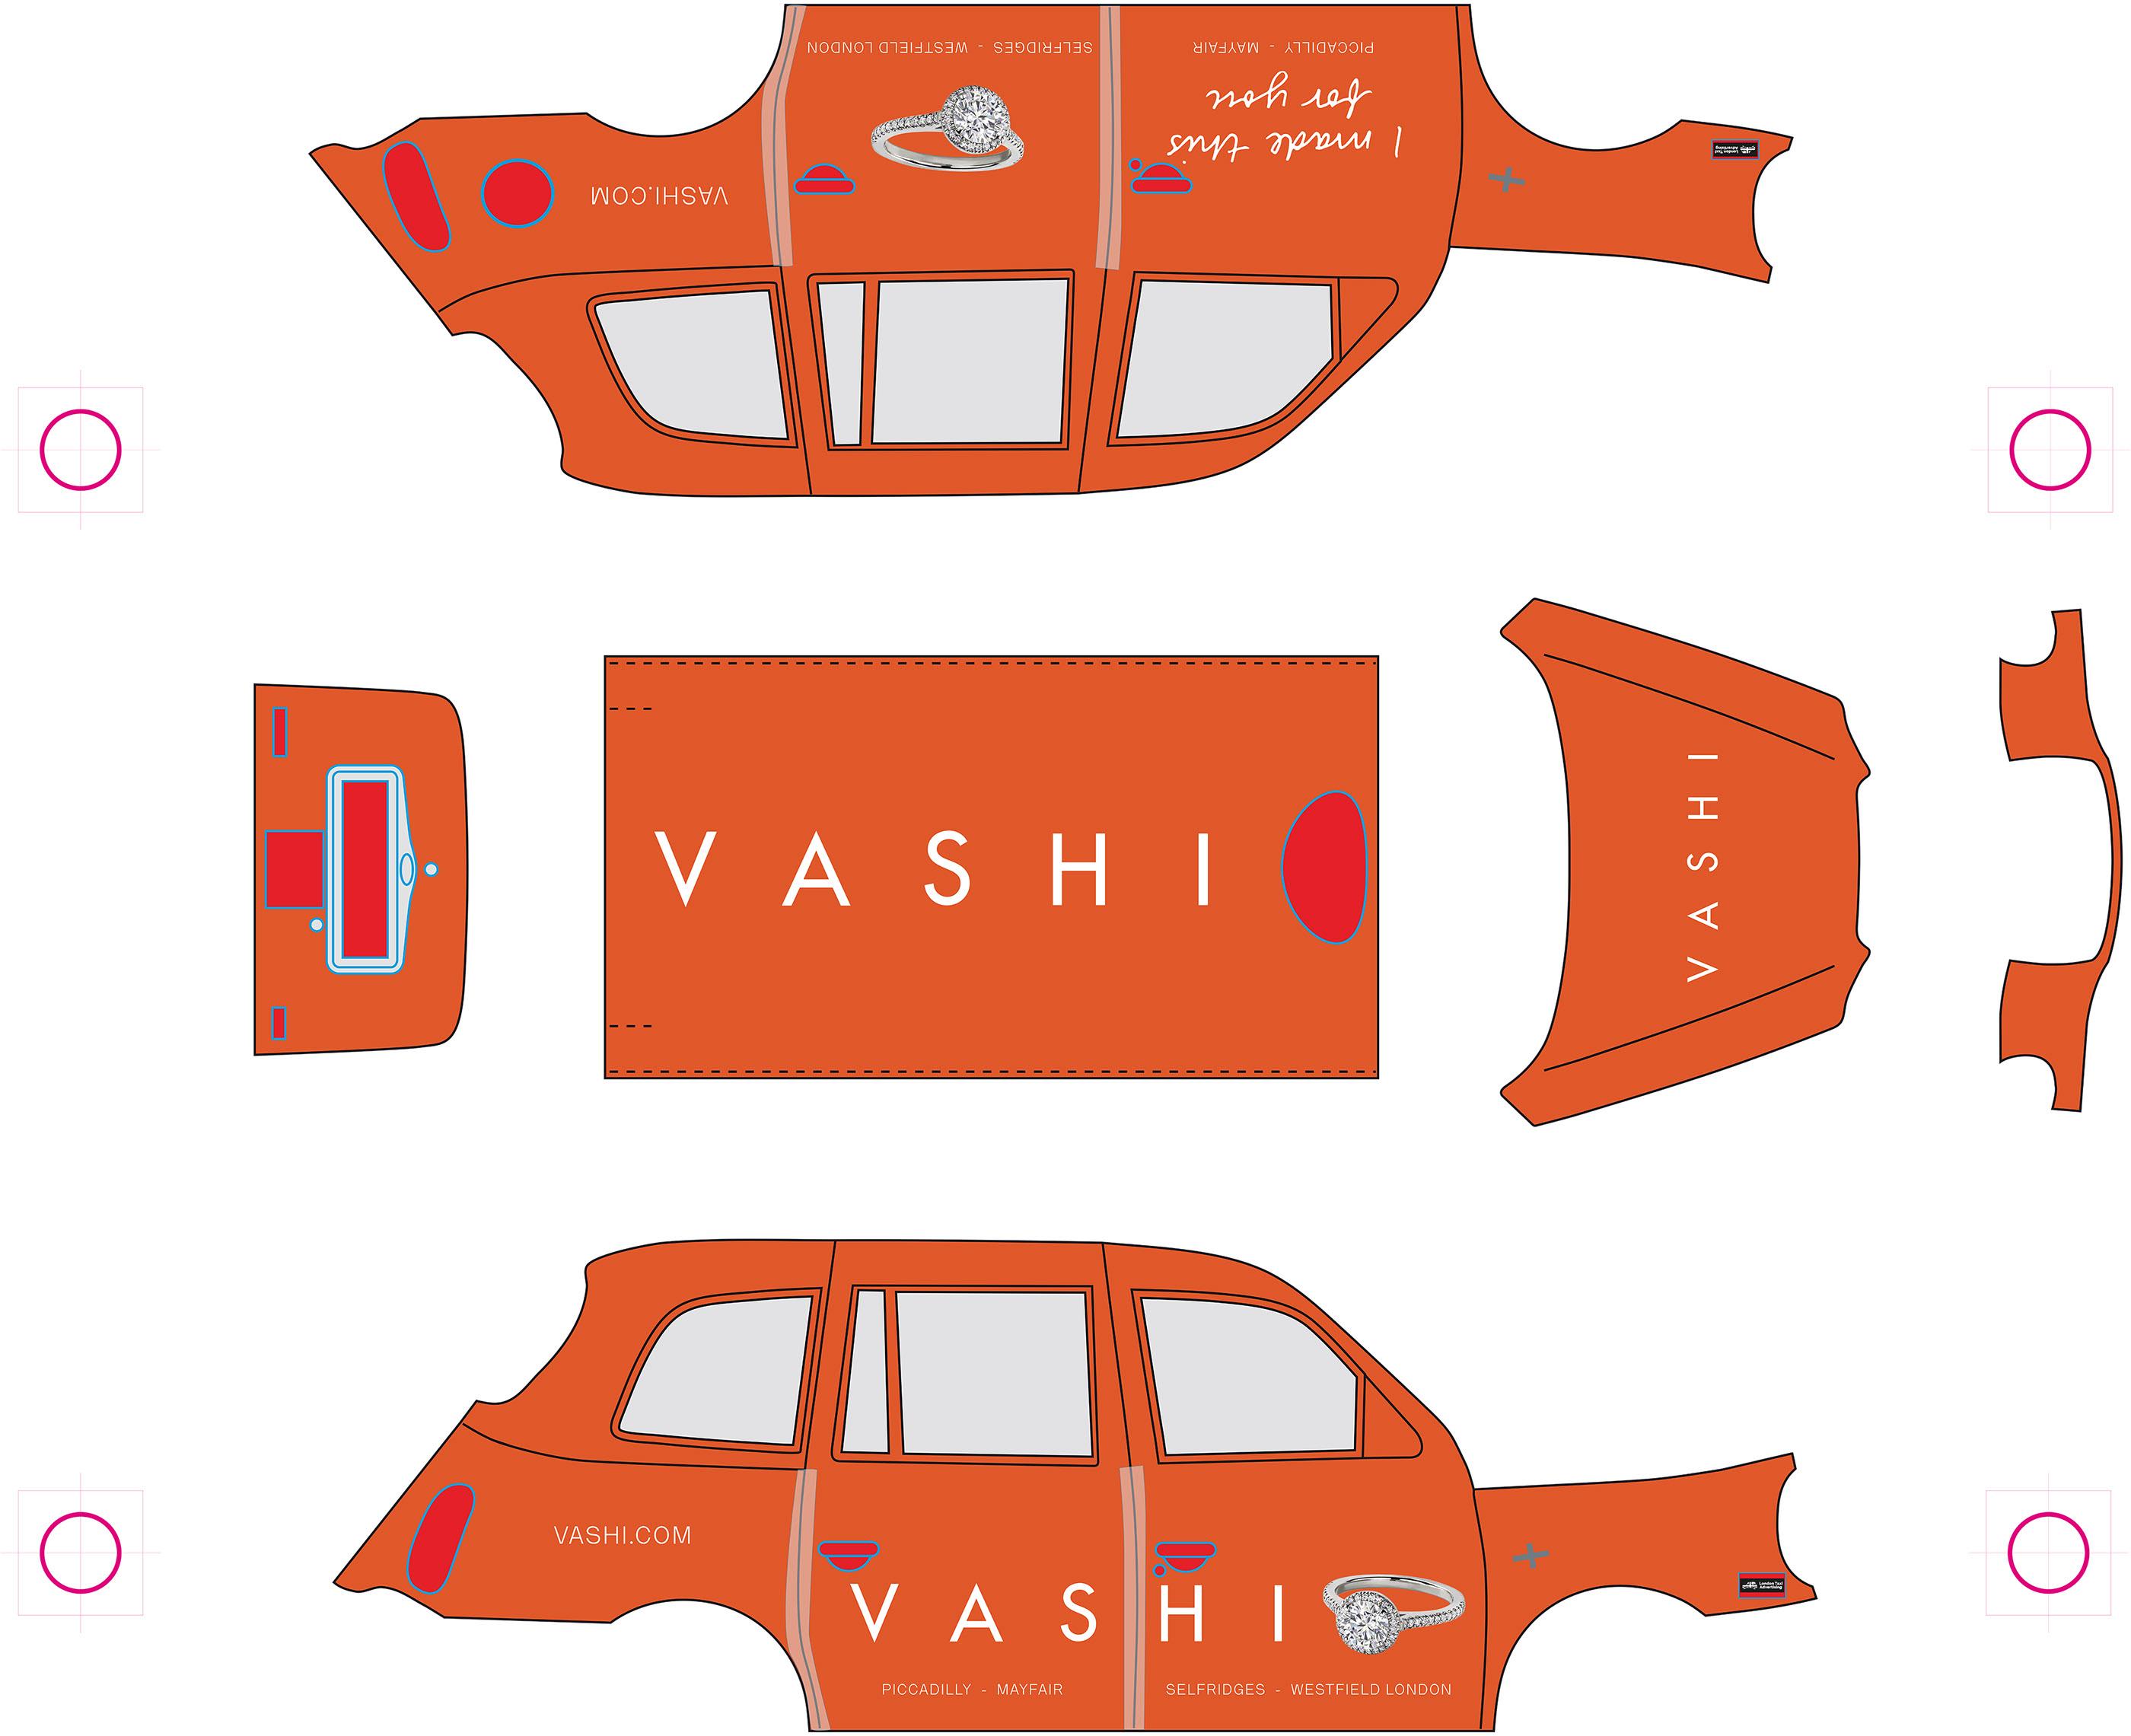 Vashi.